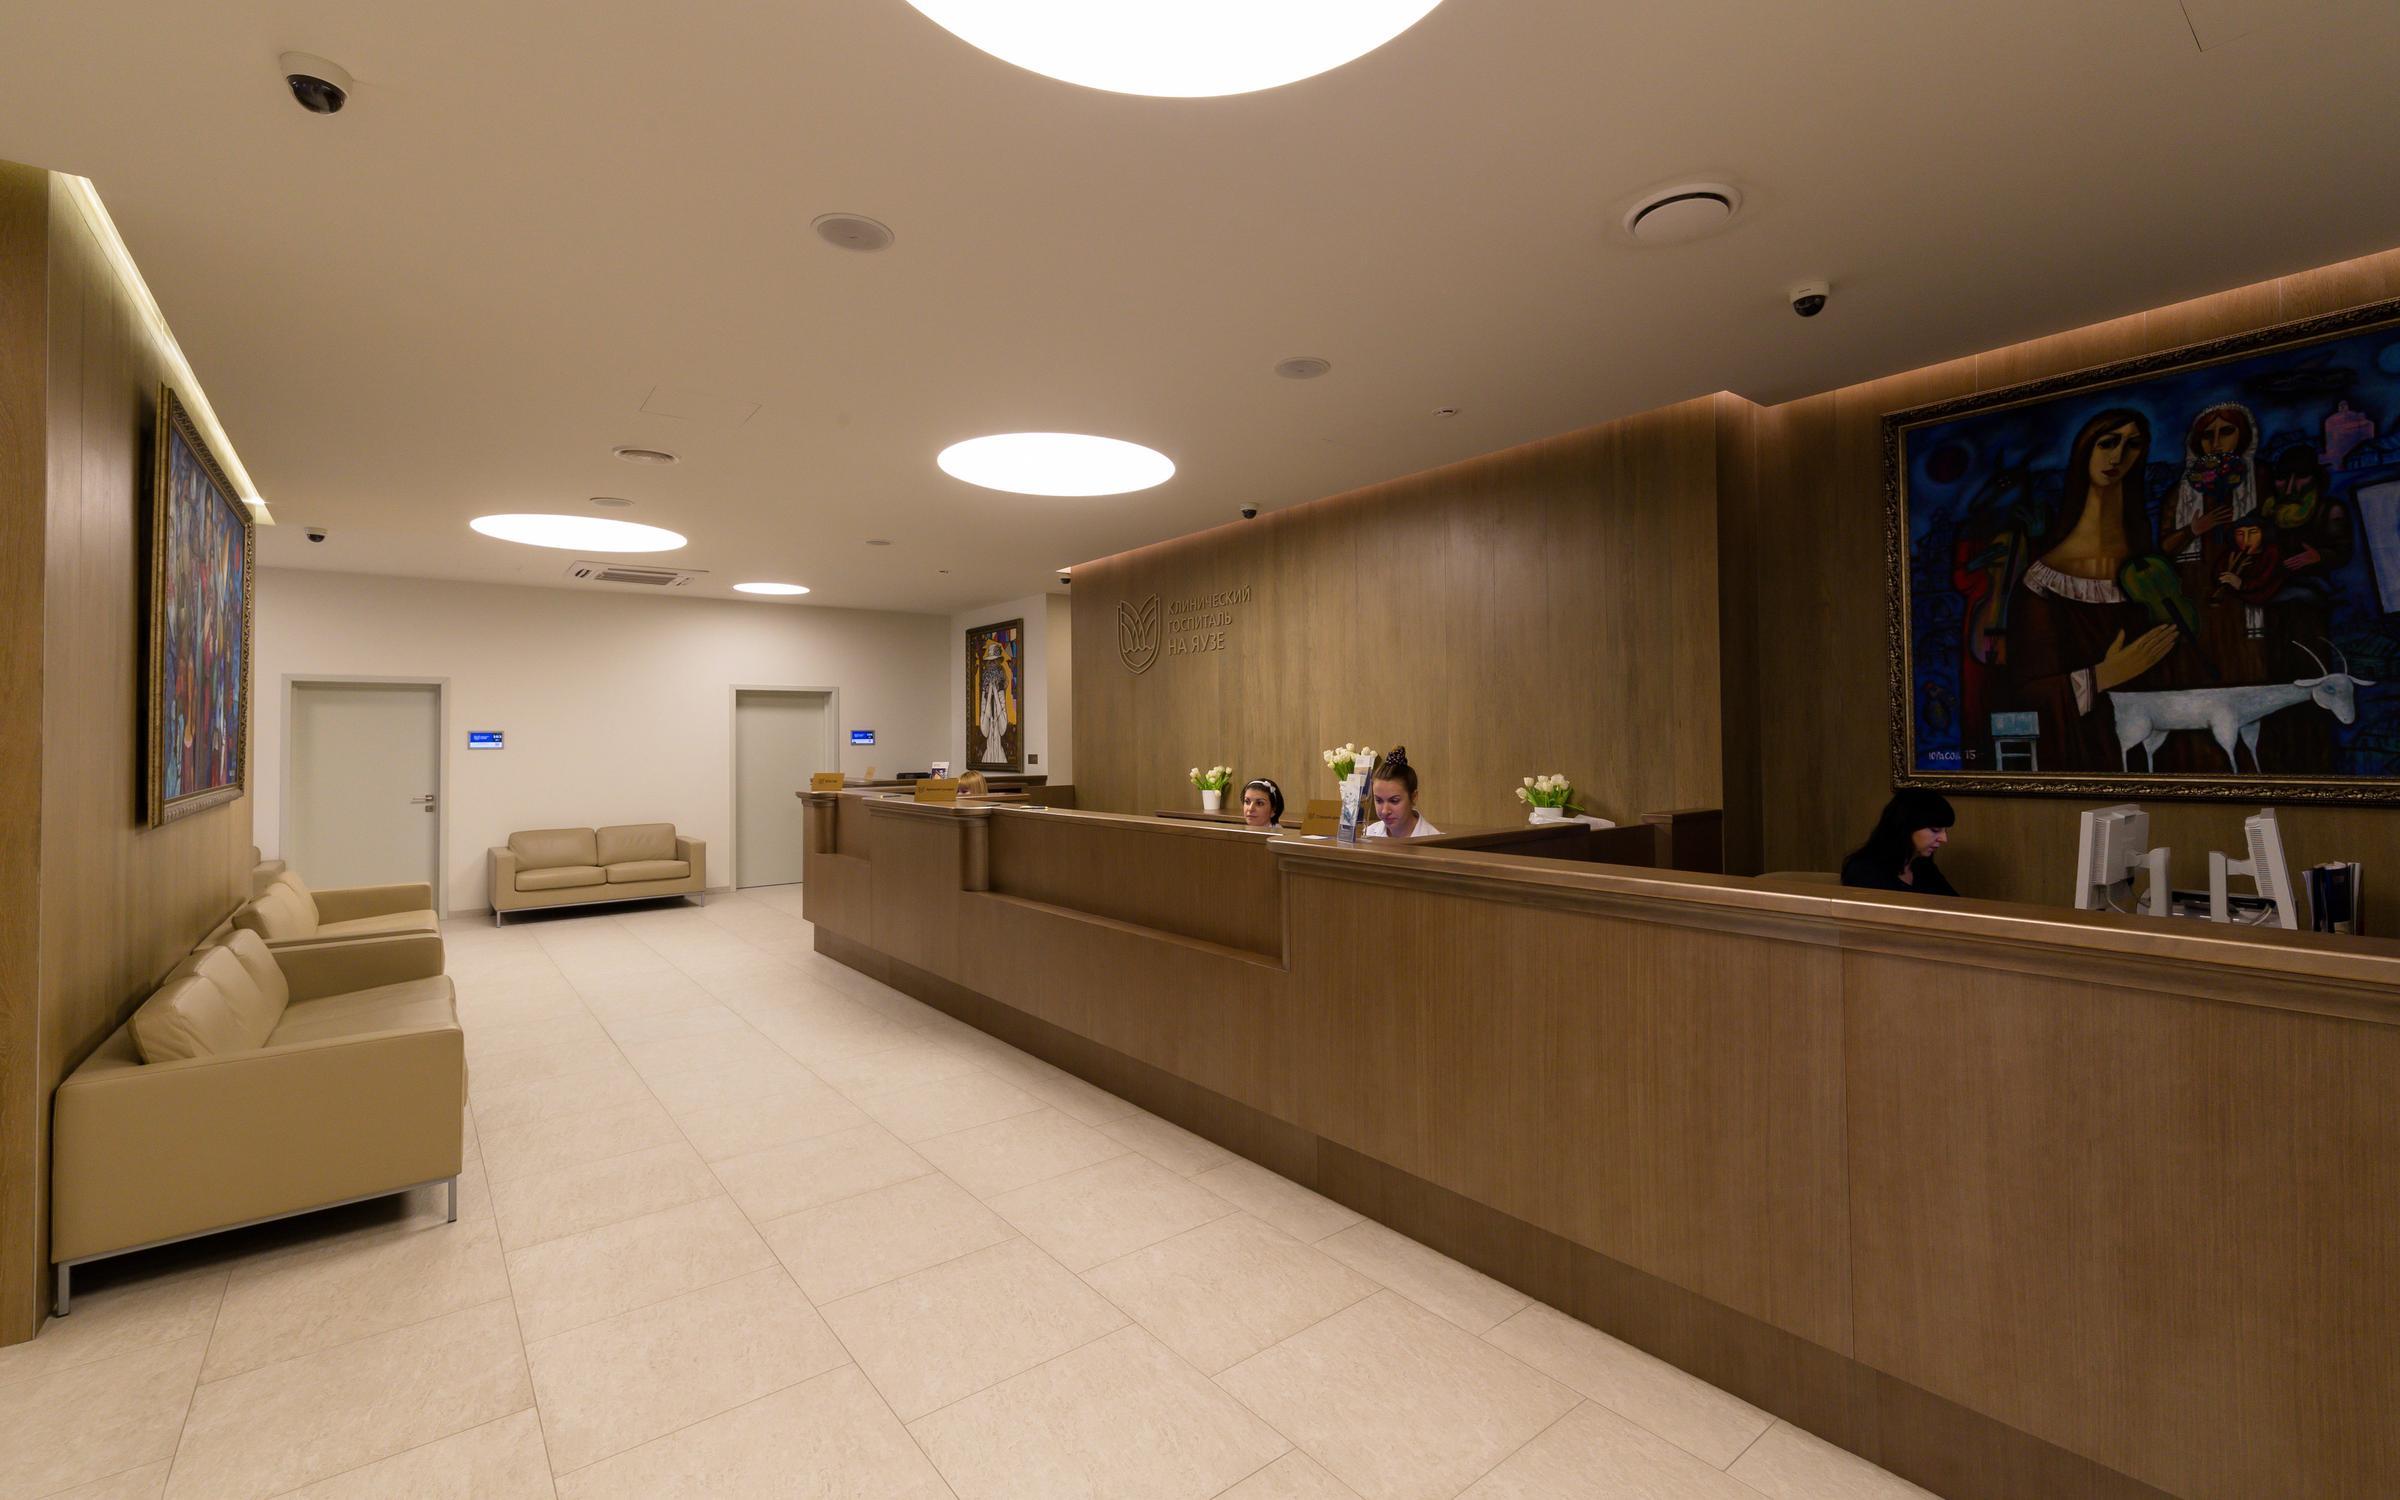 фотография Многопрофильного медицинского центра Клинический госпиталь на Яузе